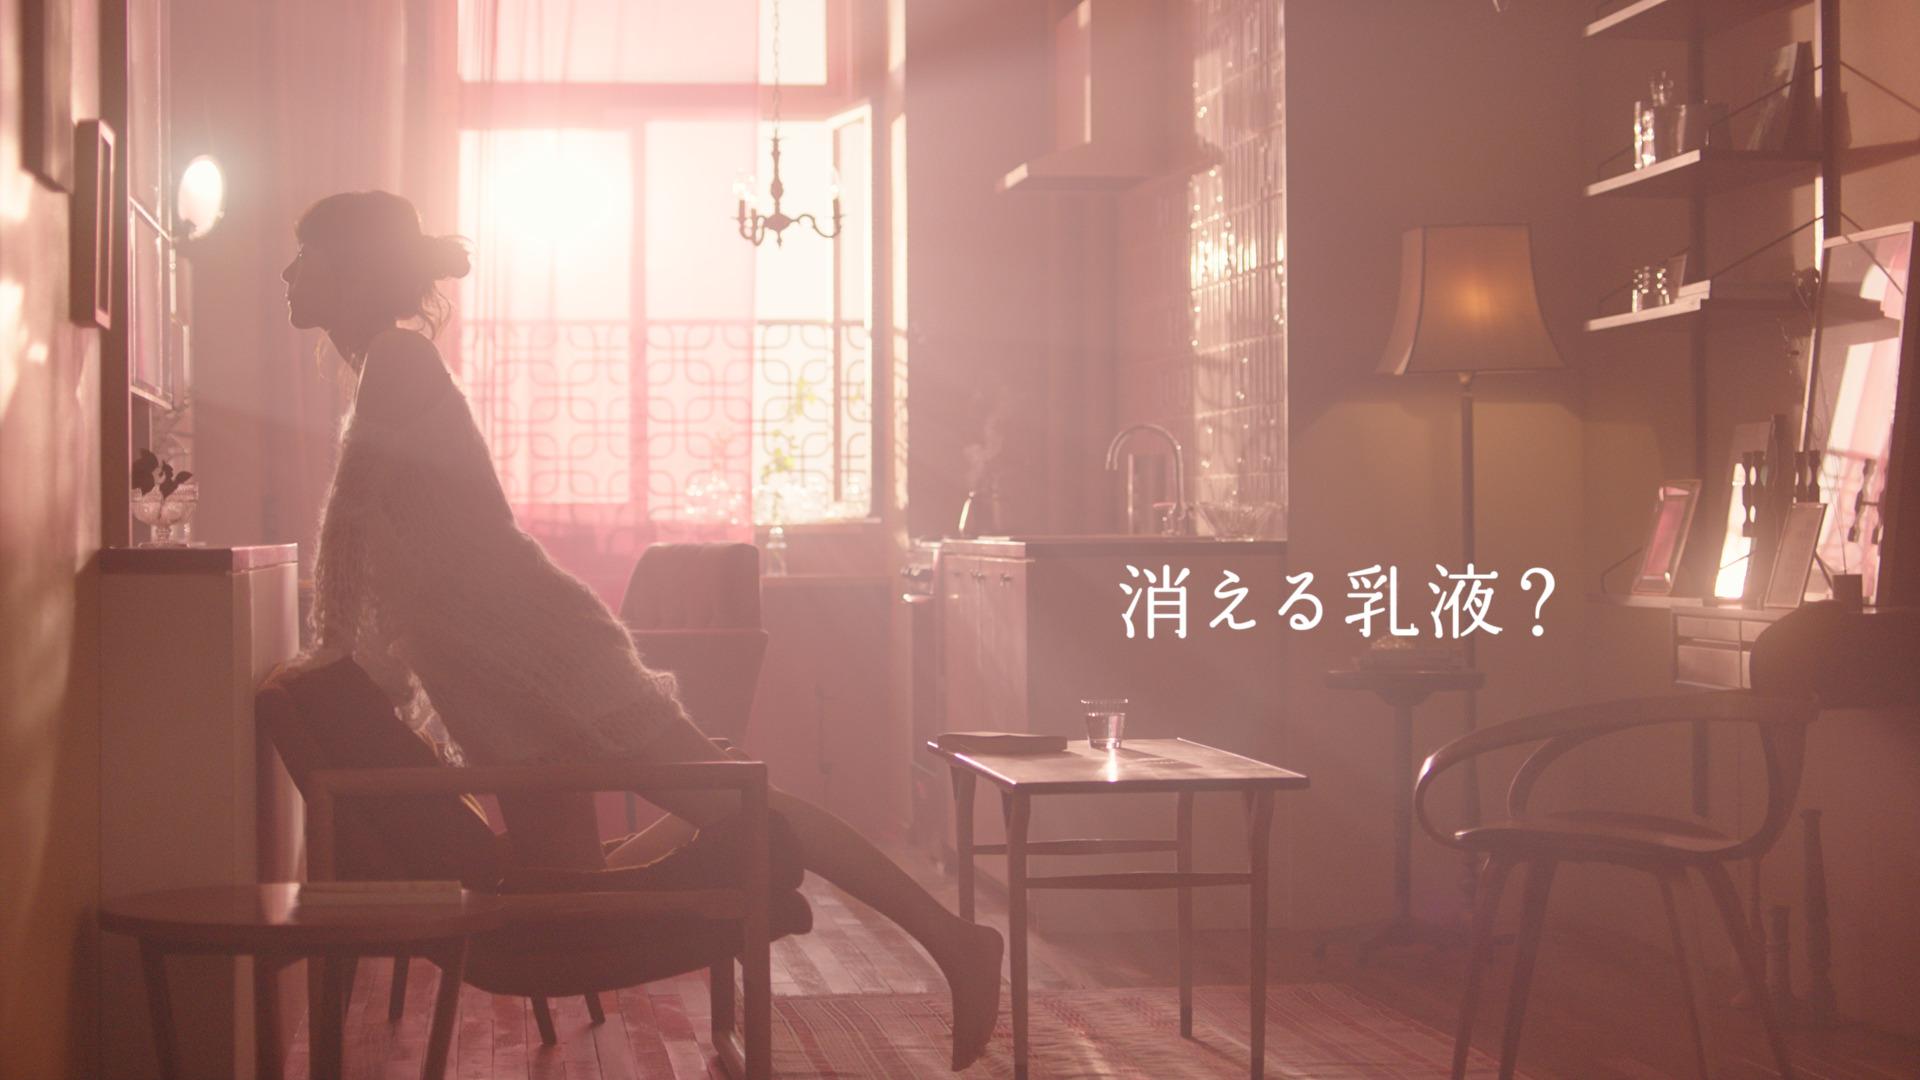 新垣結衣「雪肌精 エッセンシャル スフレ」新CM